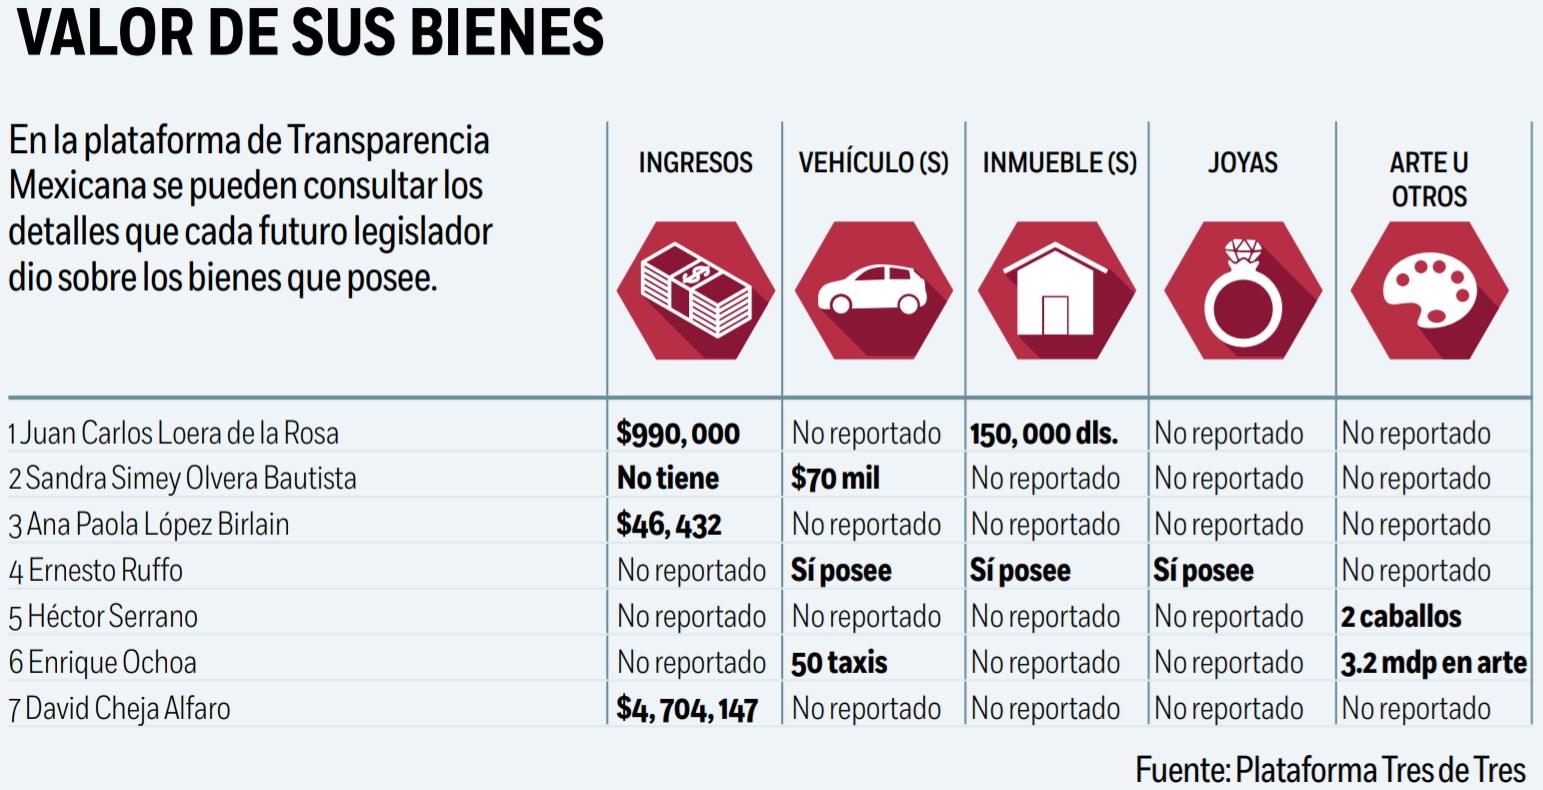 Así las propiedades e ingresos de los nuevos